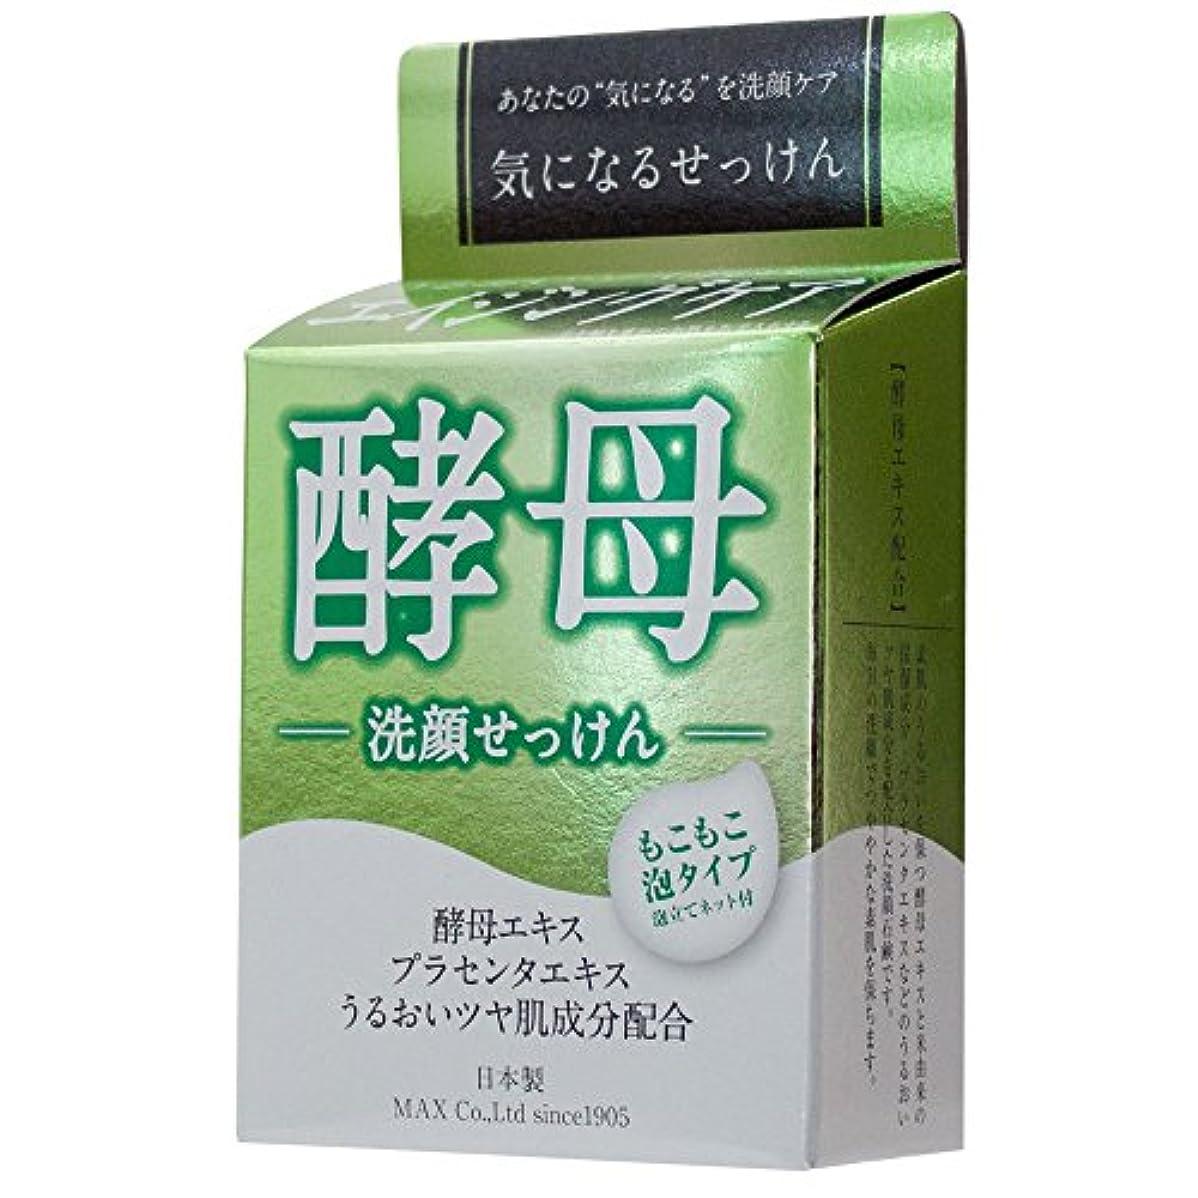 鎮静剤ポークやろうマックス 気になる洗顔石けん 酵母 80g